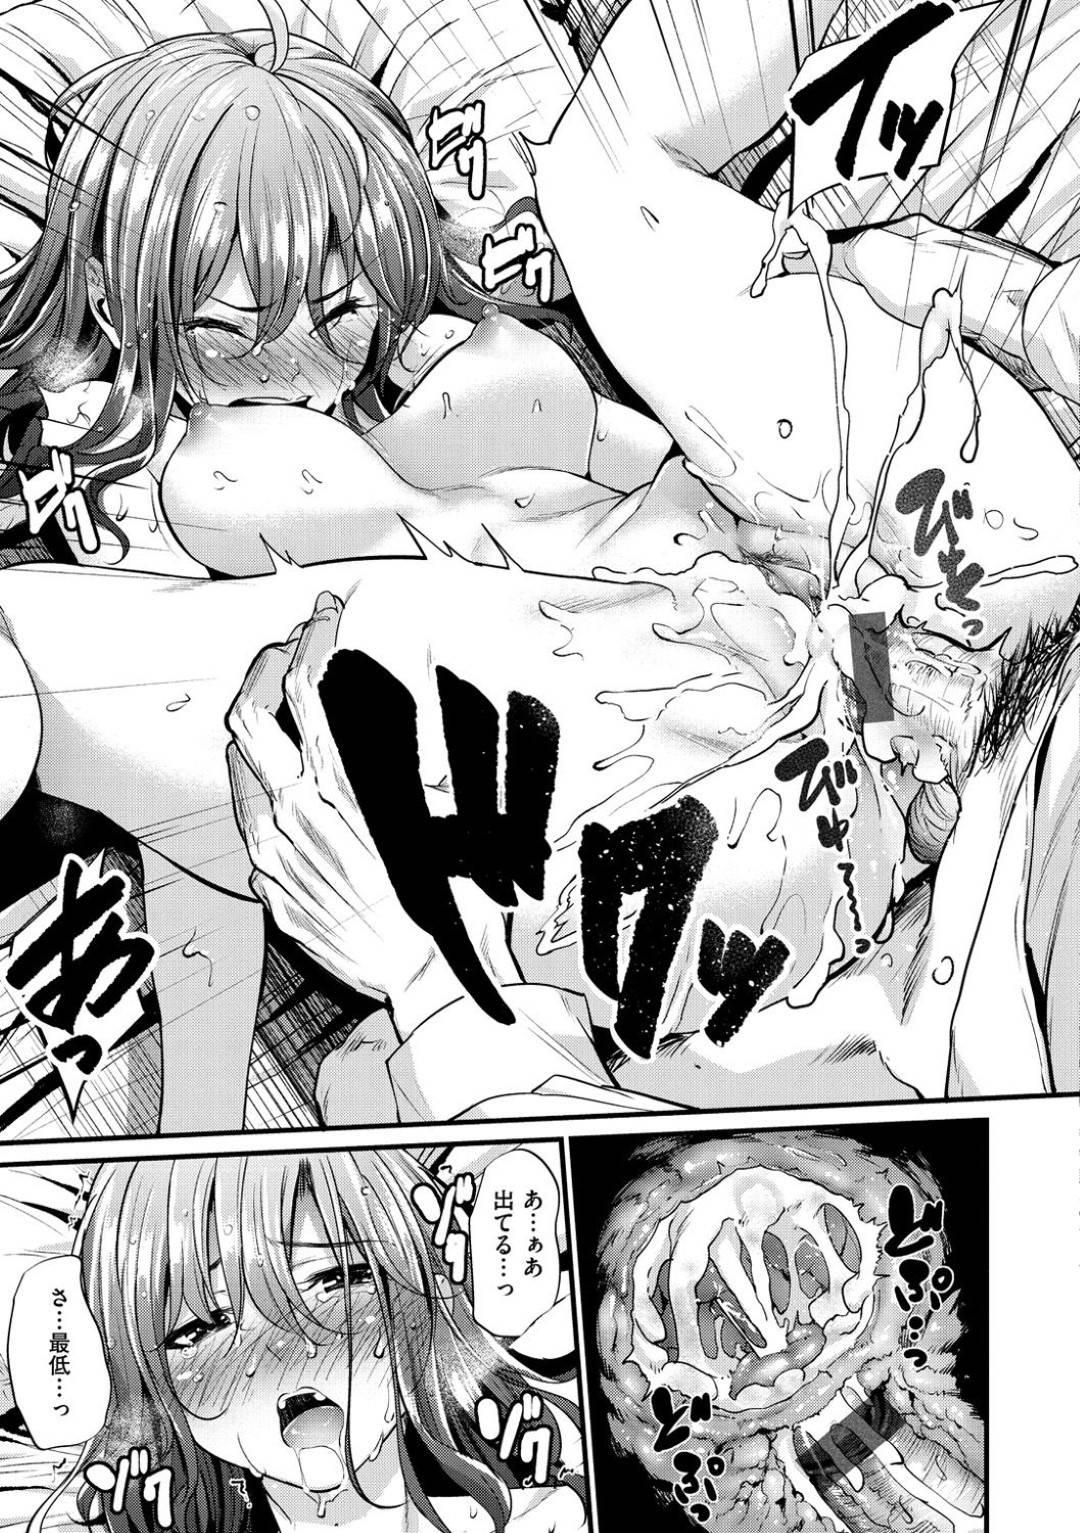 【エロ漫画】一度セックスした男子に再び求められる巨乳JK…ラブホに連れて行きフェラして口内射精!欲情したチンポを強引にバックで生ハメ連続中出しセックス!【みくに瑞貴:悪女考察 #2】